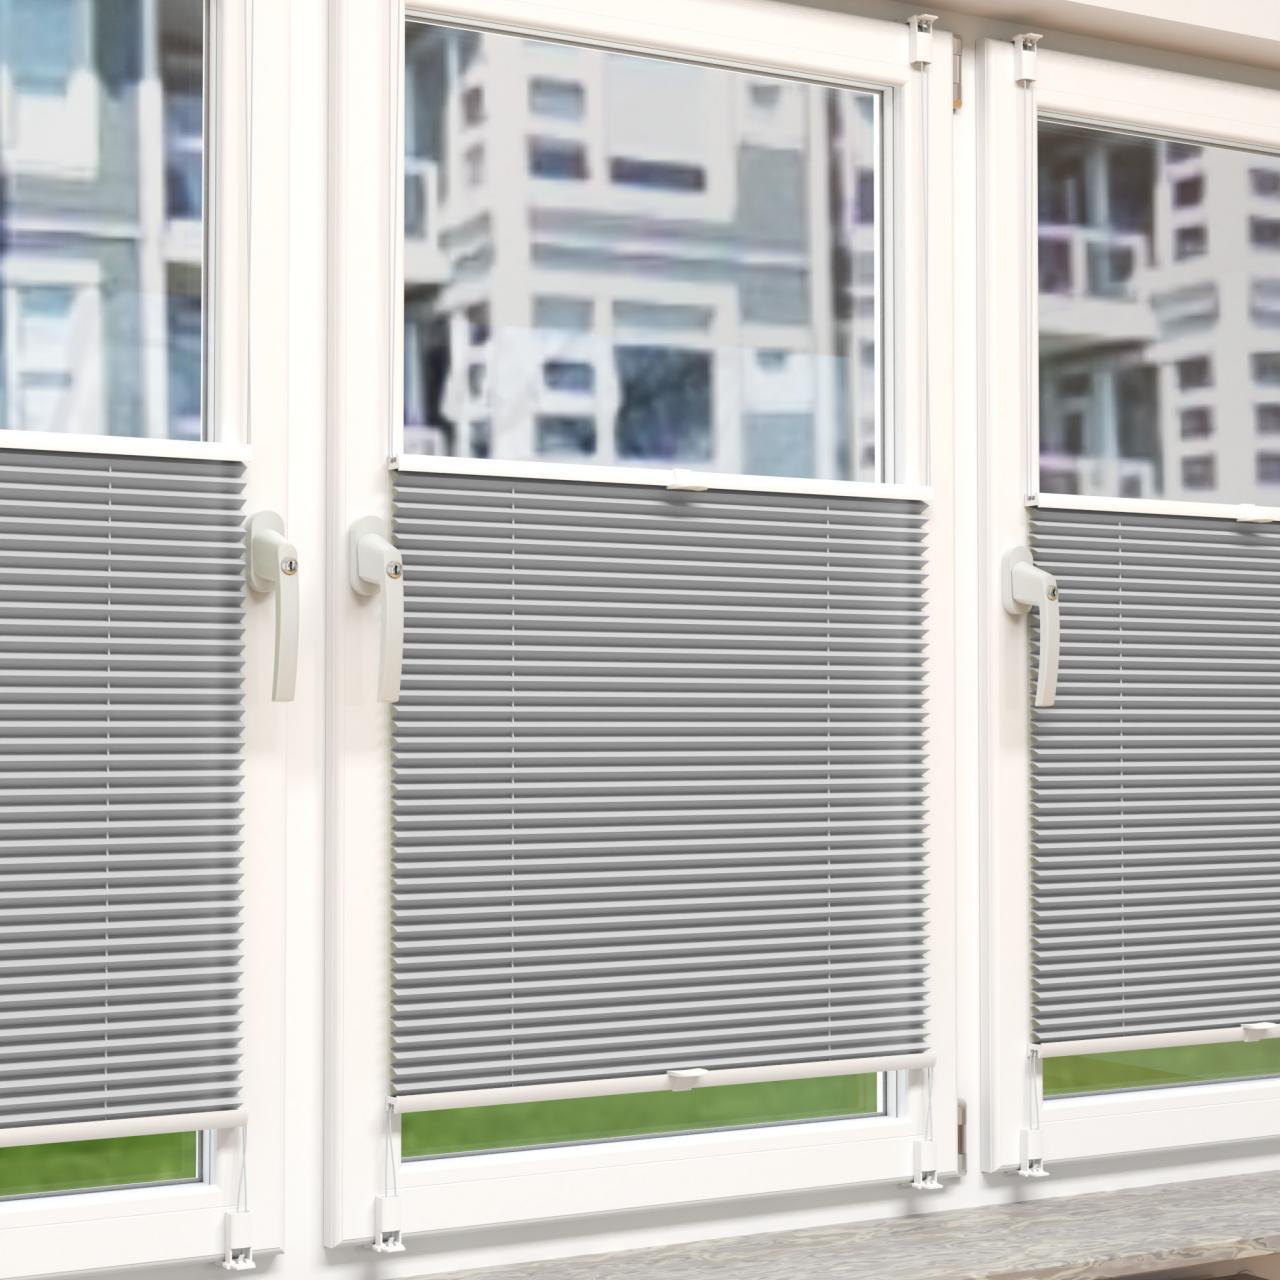 Full Size of Fenster Jalousie Plissee Faltrollo Rollo Klemmfieasyfiohne Rehau Neue Einbauen Einbruchschutz Nachrüsten Roro Innen Beleuchtung Dampfreiniger Fenster Fenster Jalousie